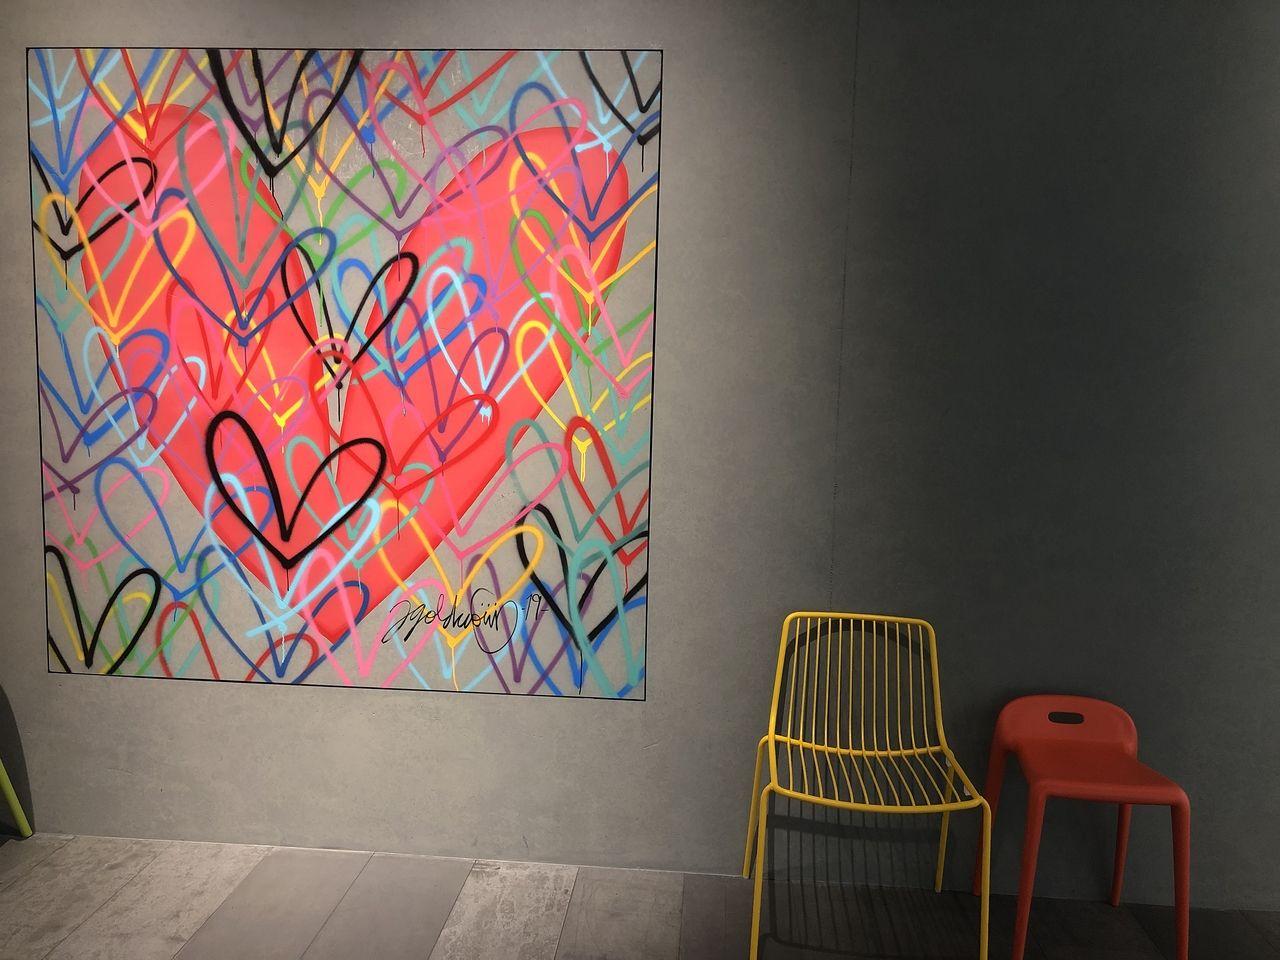 j goldcrownはLAを拠点に活躍中の現代ア-テイストで、こちらのミュージアムをのオープン記念として来日し建物内の「LOVEWALL INSIDE」、建物の外には「LOVEWALL OUTSIDE」を手掛けて頂いたもので、実物を展示されています。